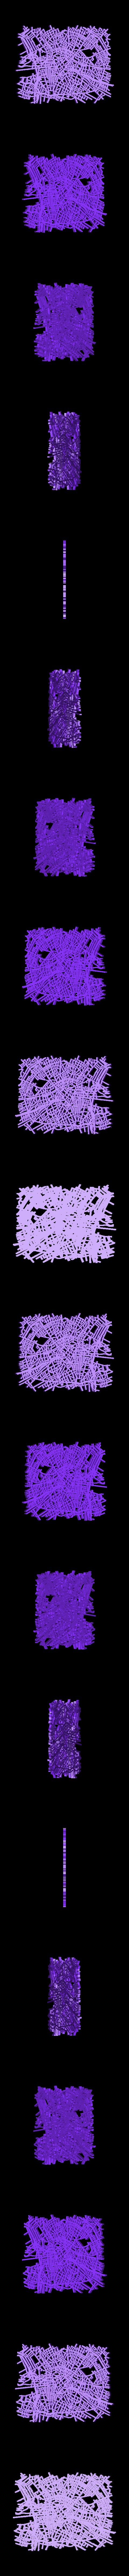 map1streets.stl Télécharger fichier STL gratuit Carte de Berlin • Design pour impression 3D, IsabellaMarques56